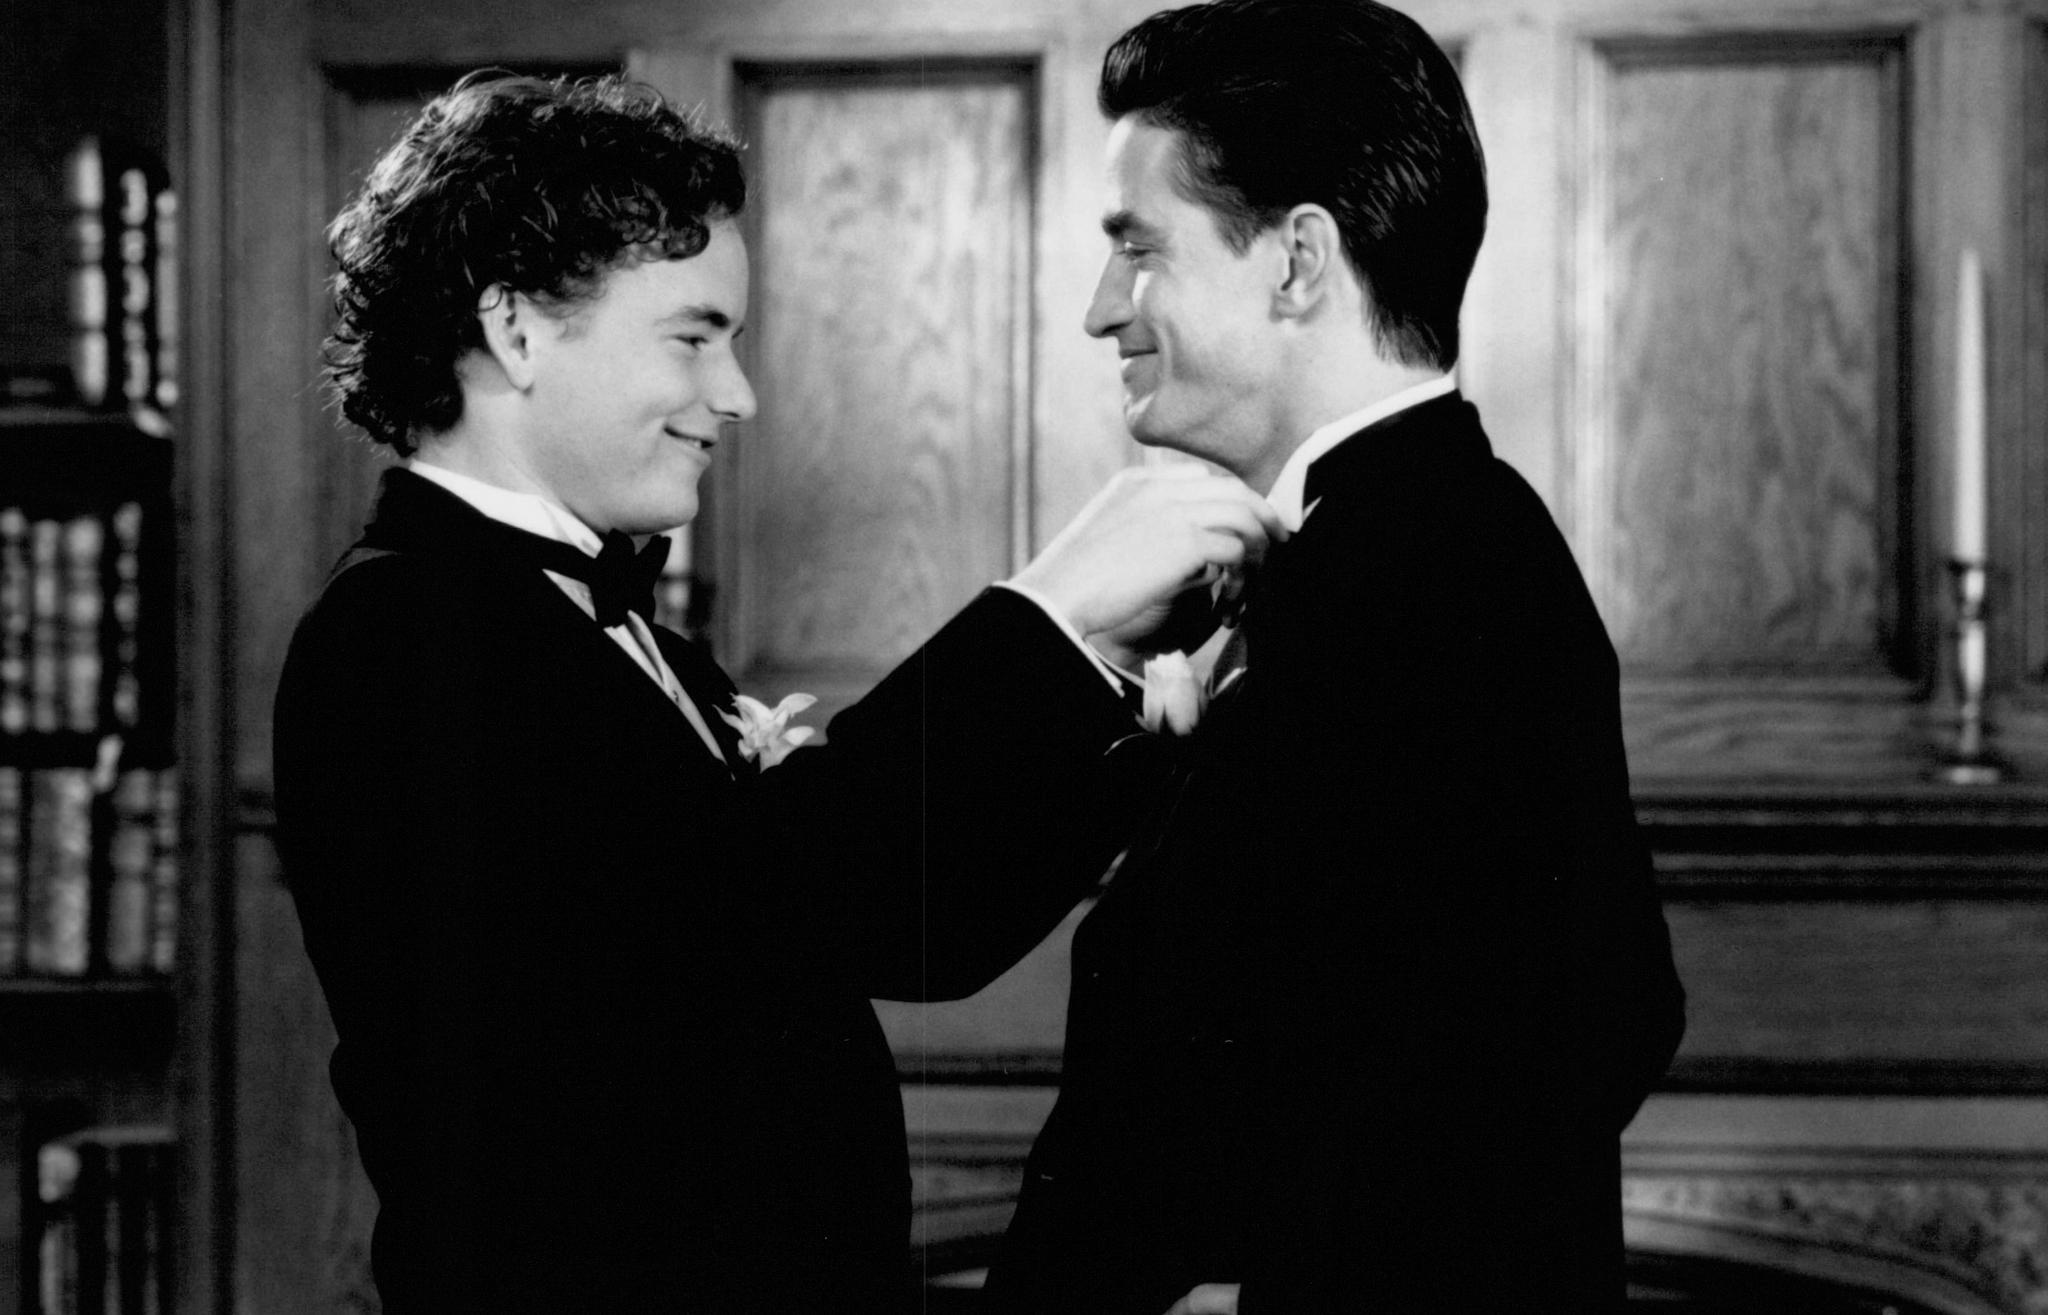 Dermot Mulroney and Christopher Masterson in My Best Friend's Wedding (1997)